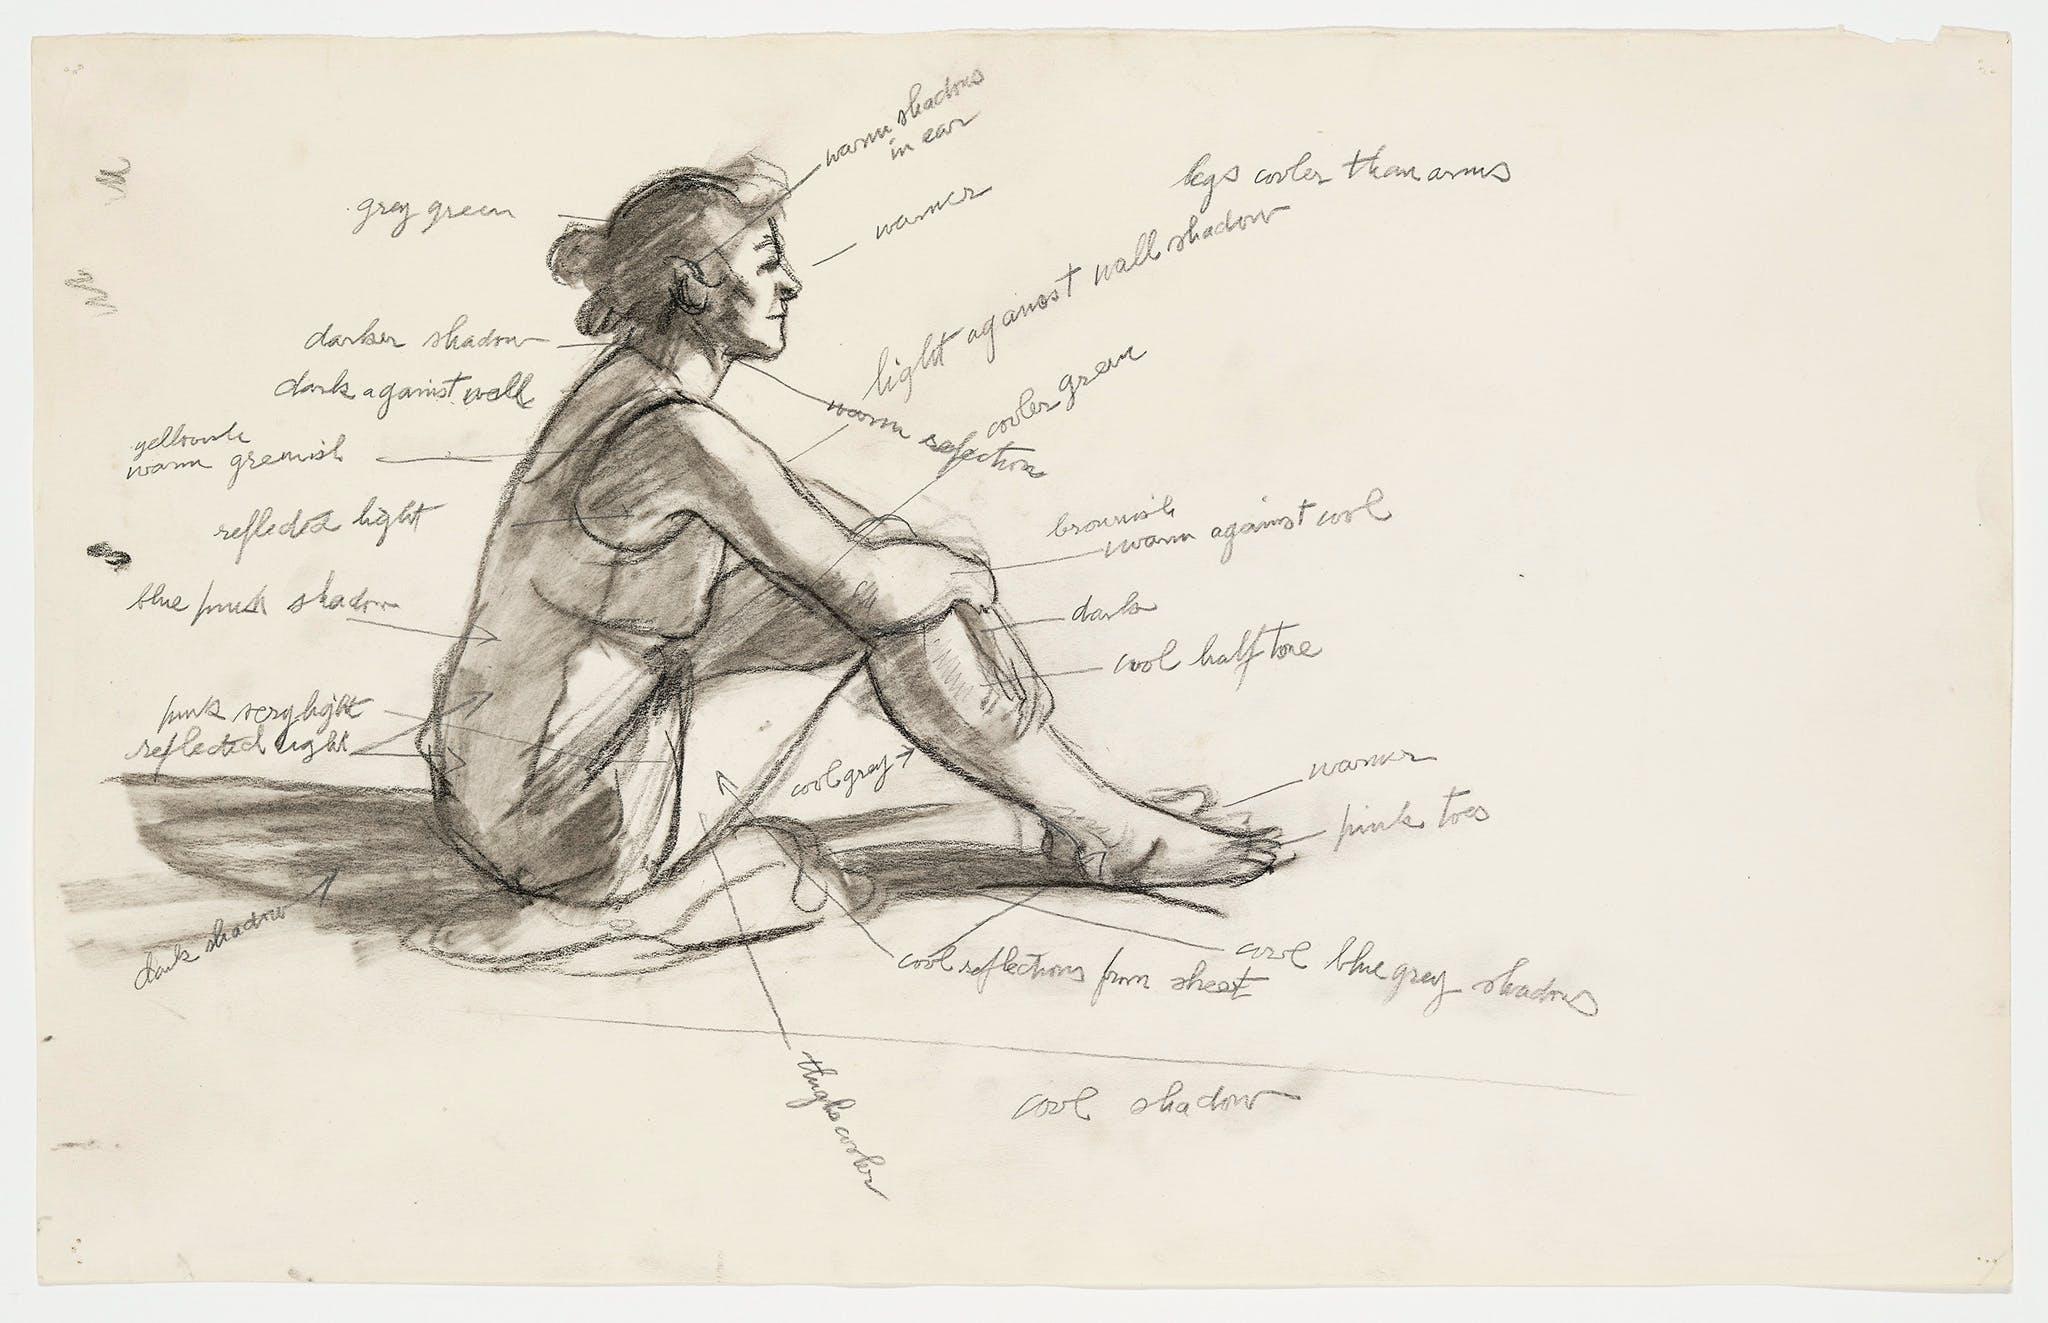 Edward Hopper, Study for Morning Sun, 1952